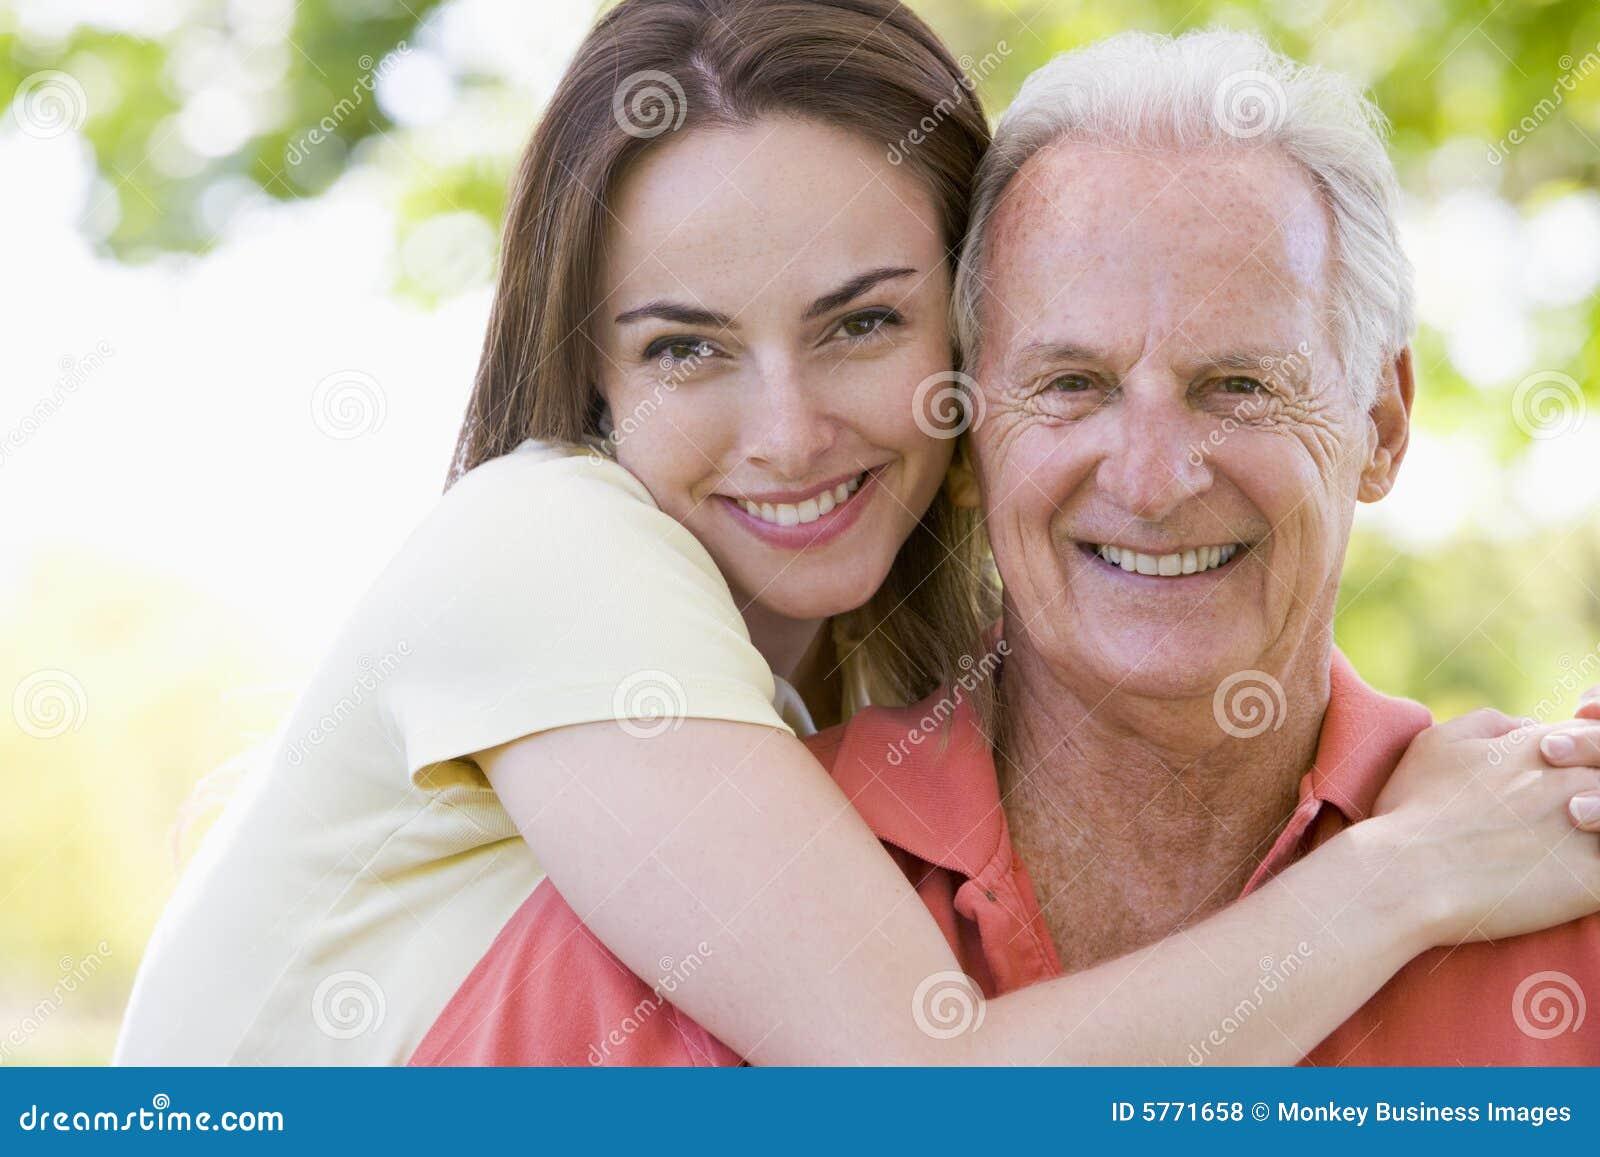 Старые мужчины с юными девочками фото 18 фотография